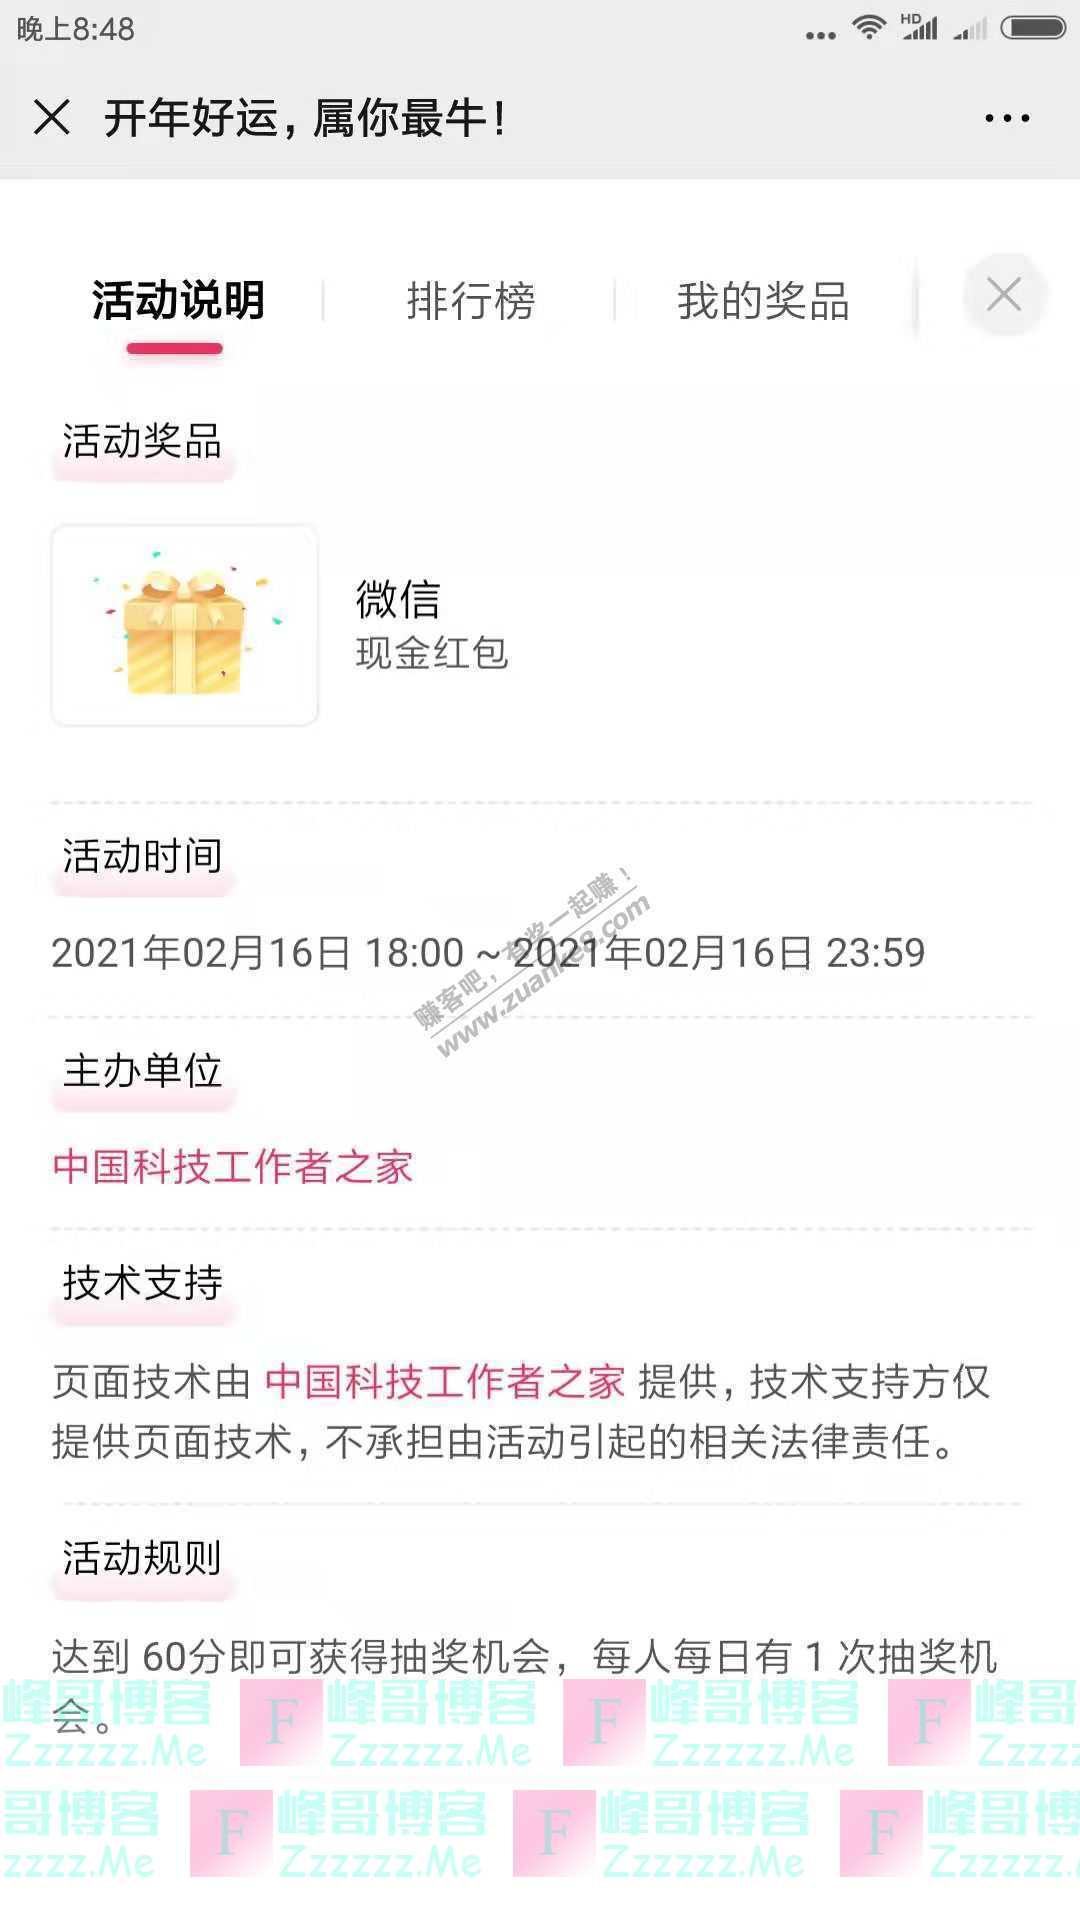 中国科技工作者之家开年好运,属你最牛(截止2月26日)